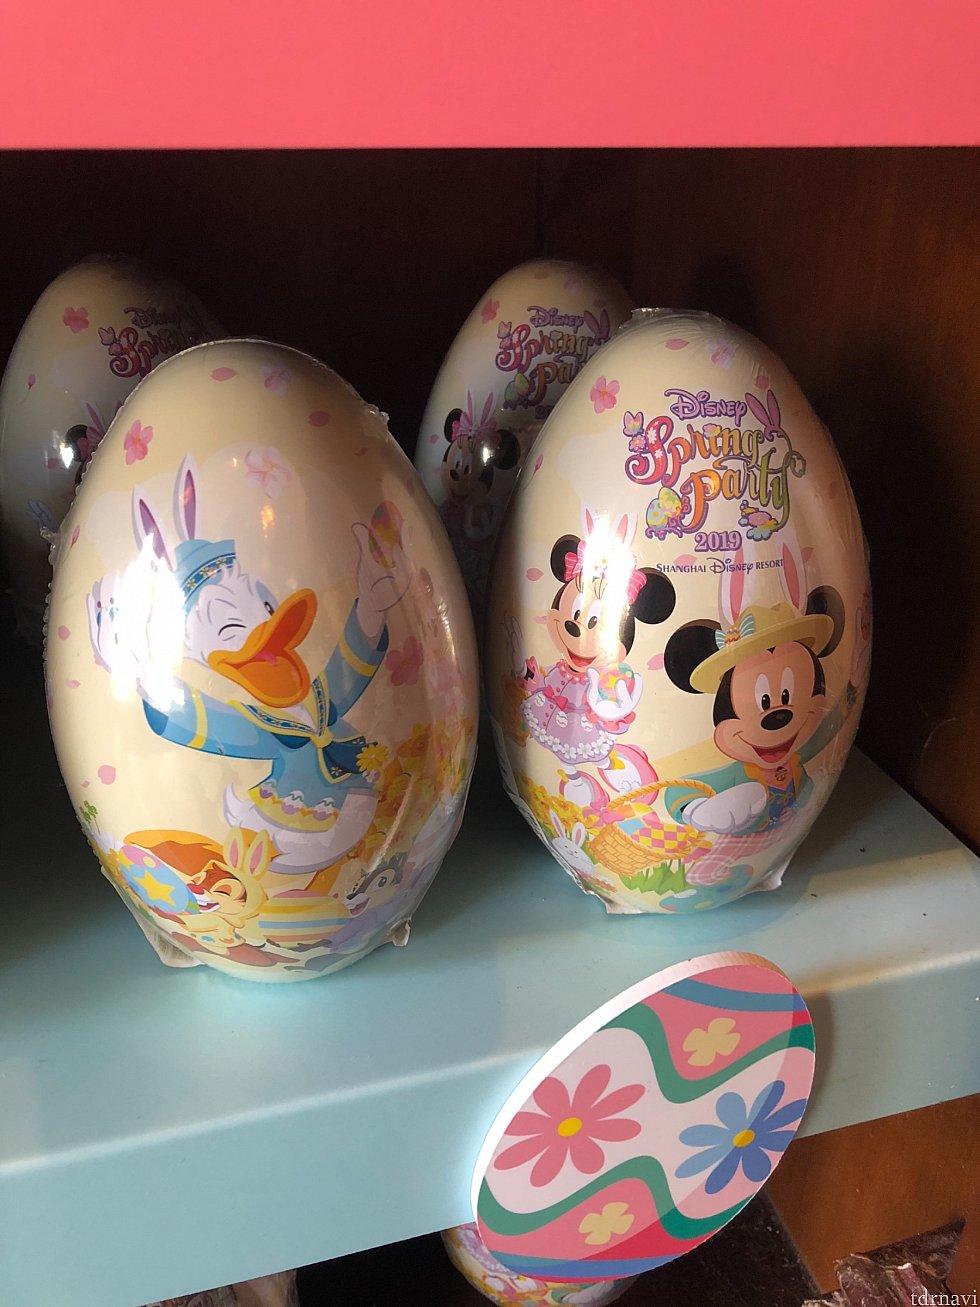 卵型の缶が可愛い♡中身はチョコレート菓子 99元